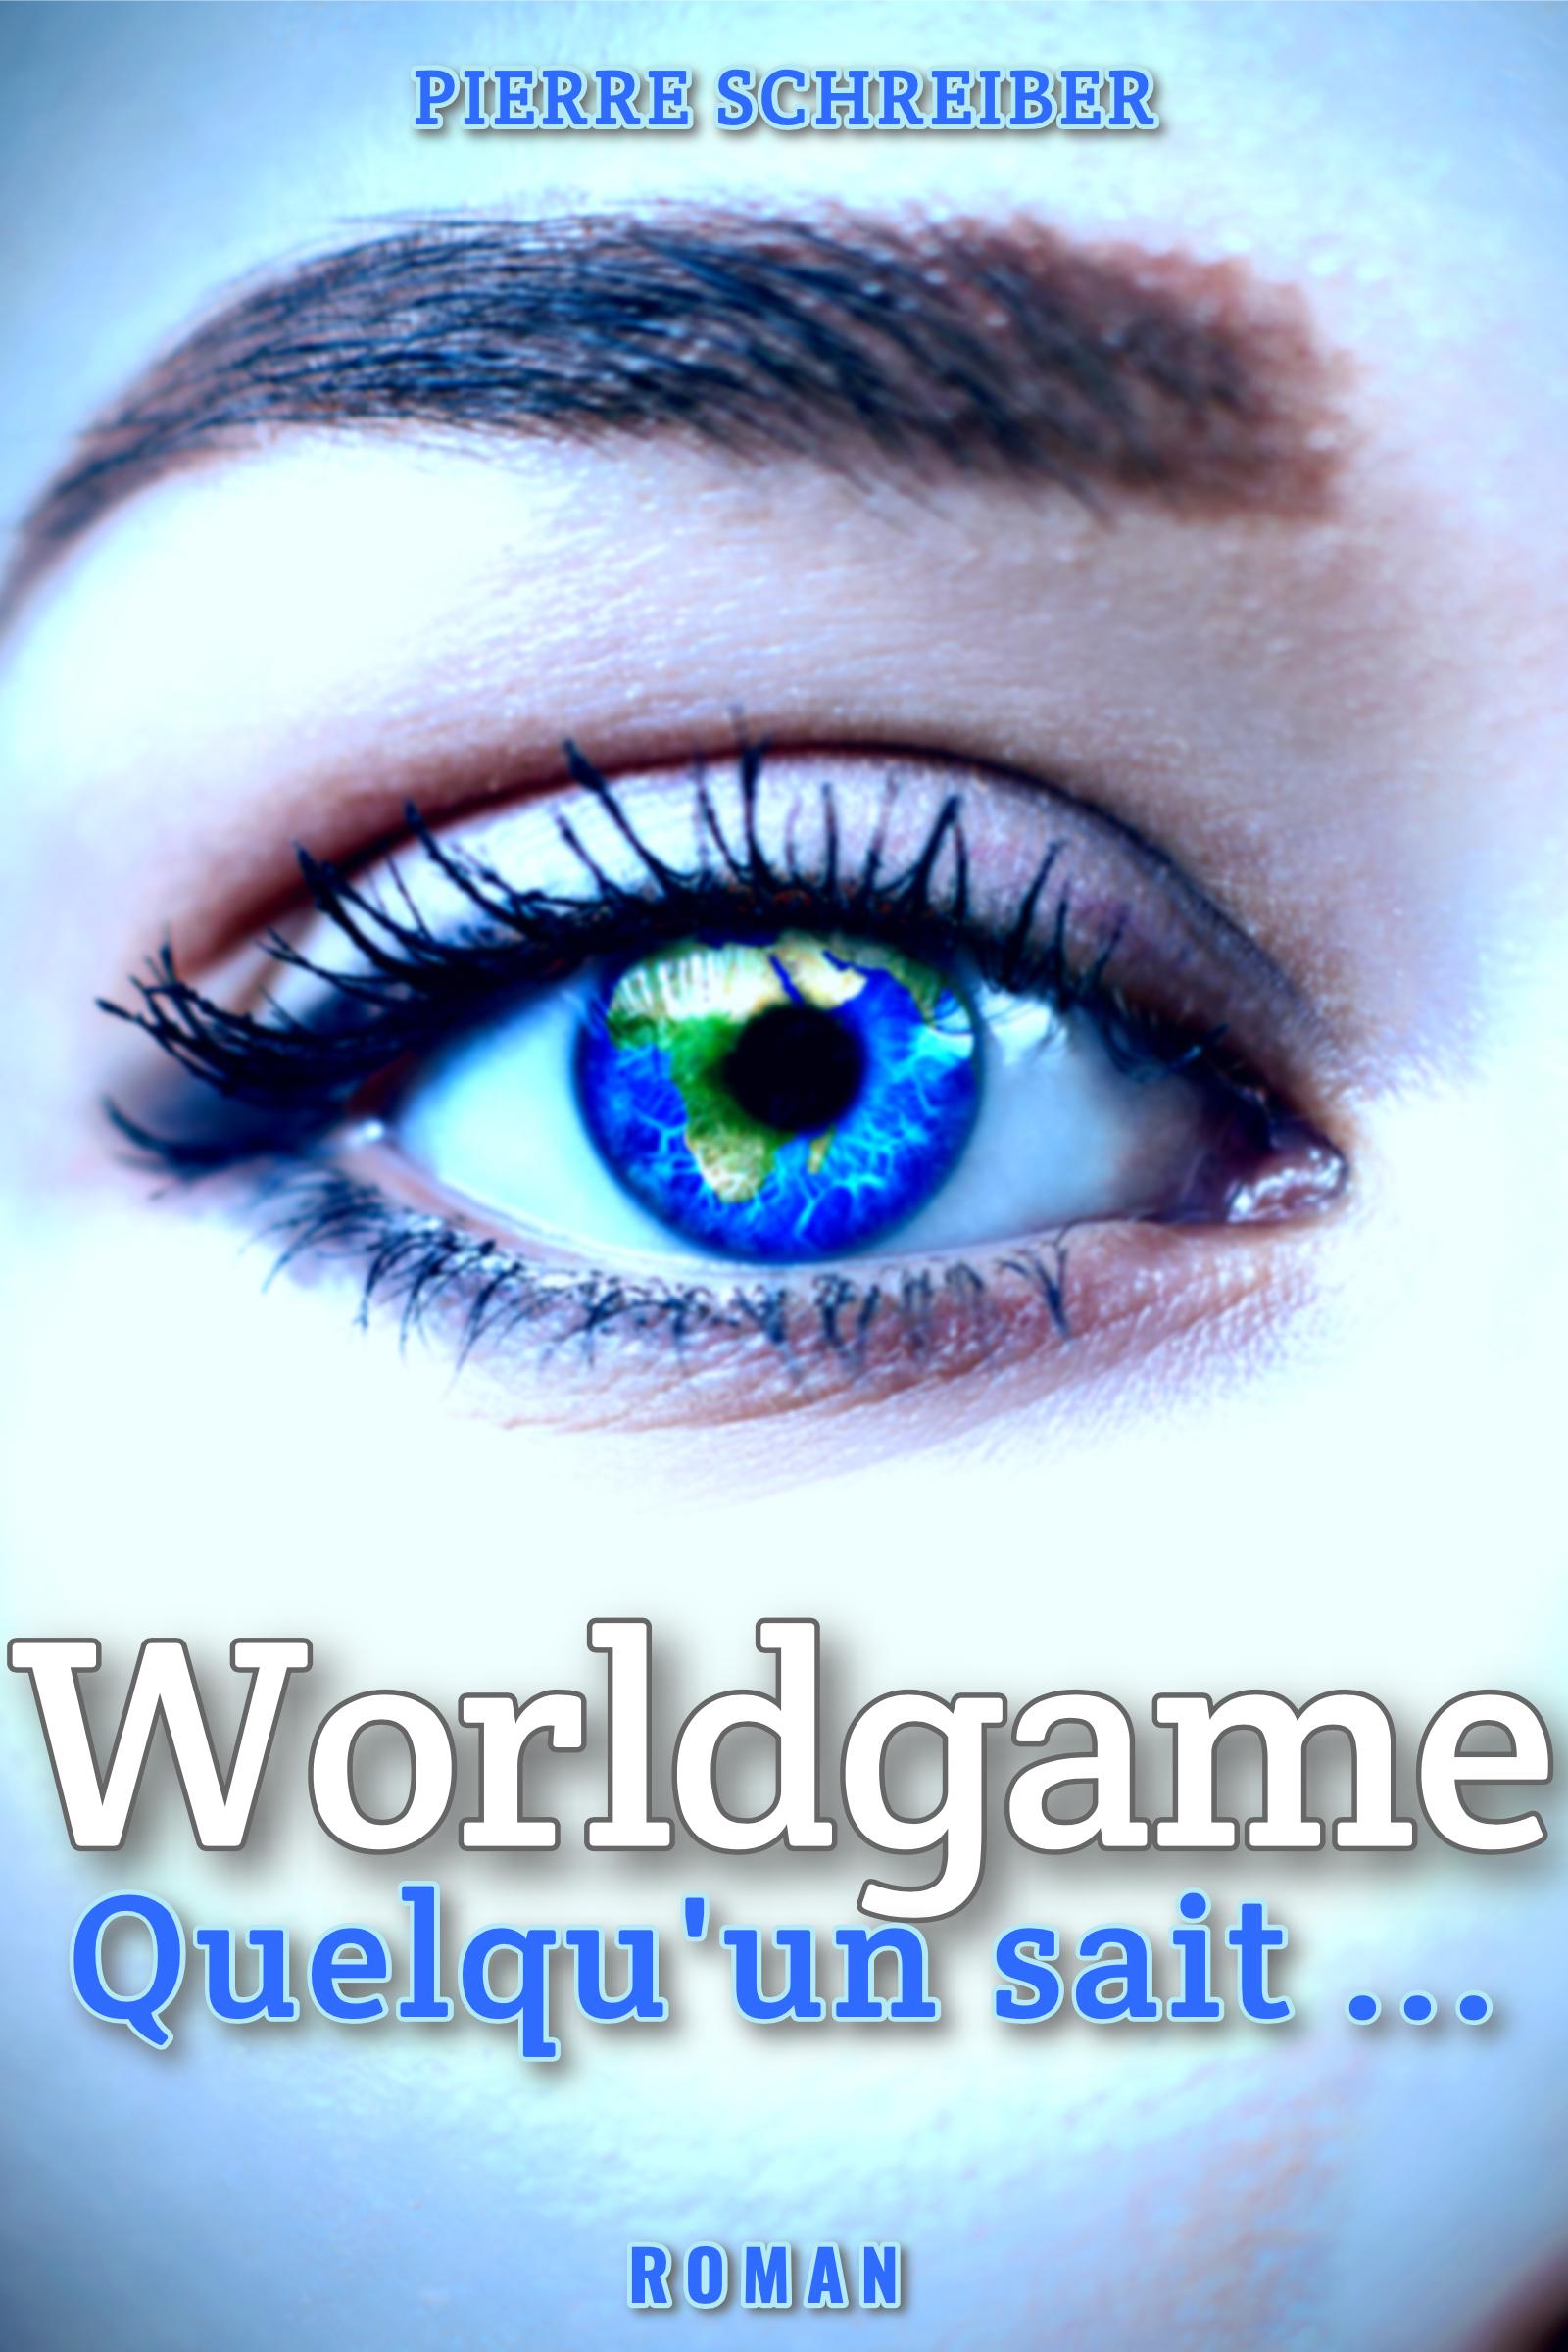 Worldgame, Quelqu'un sait...